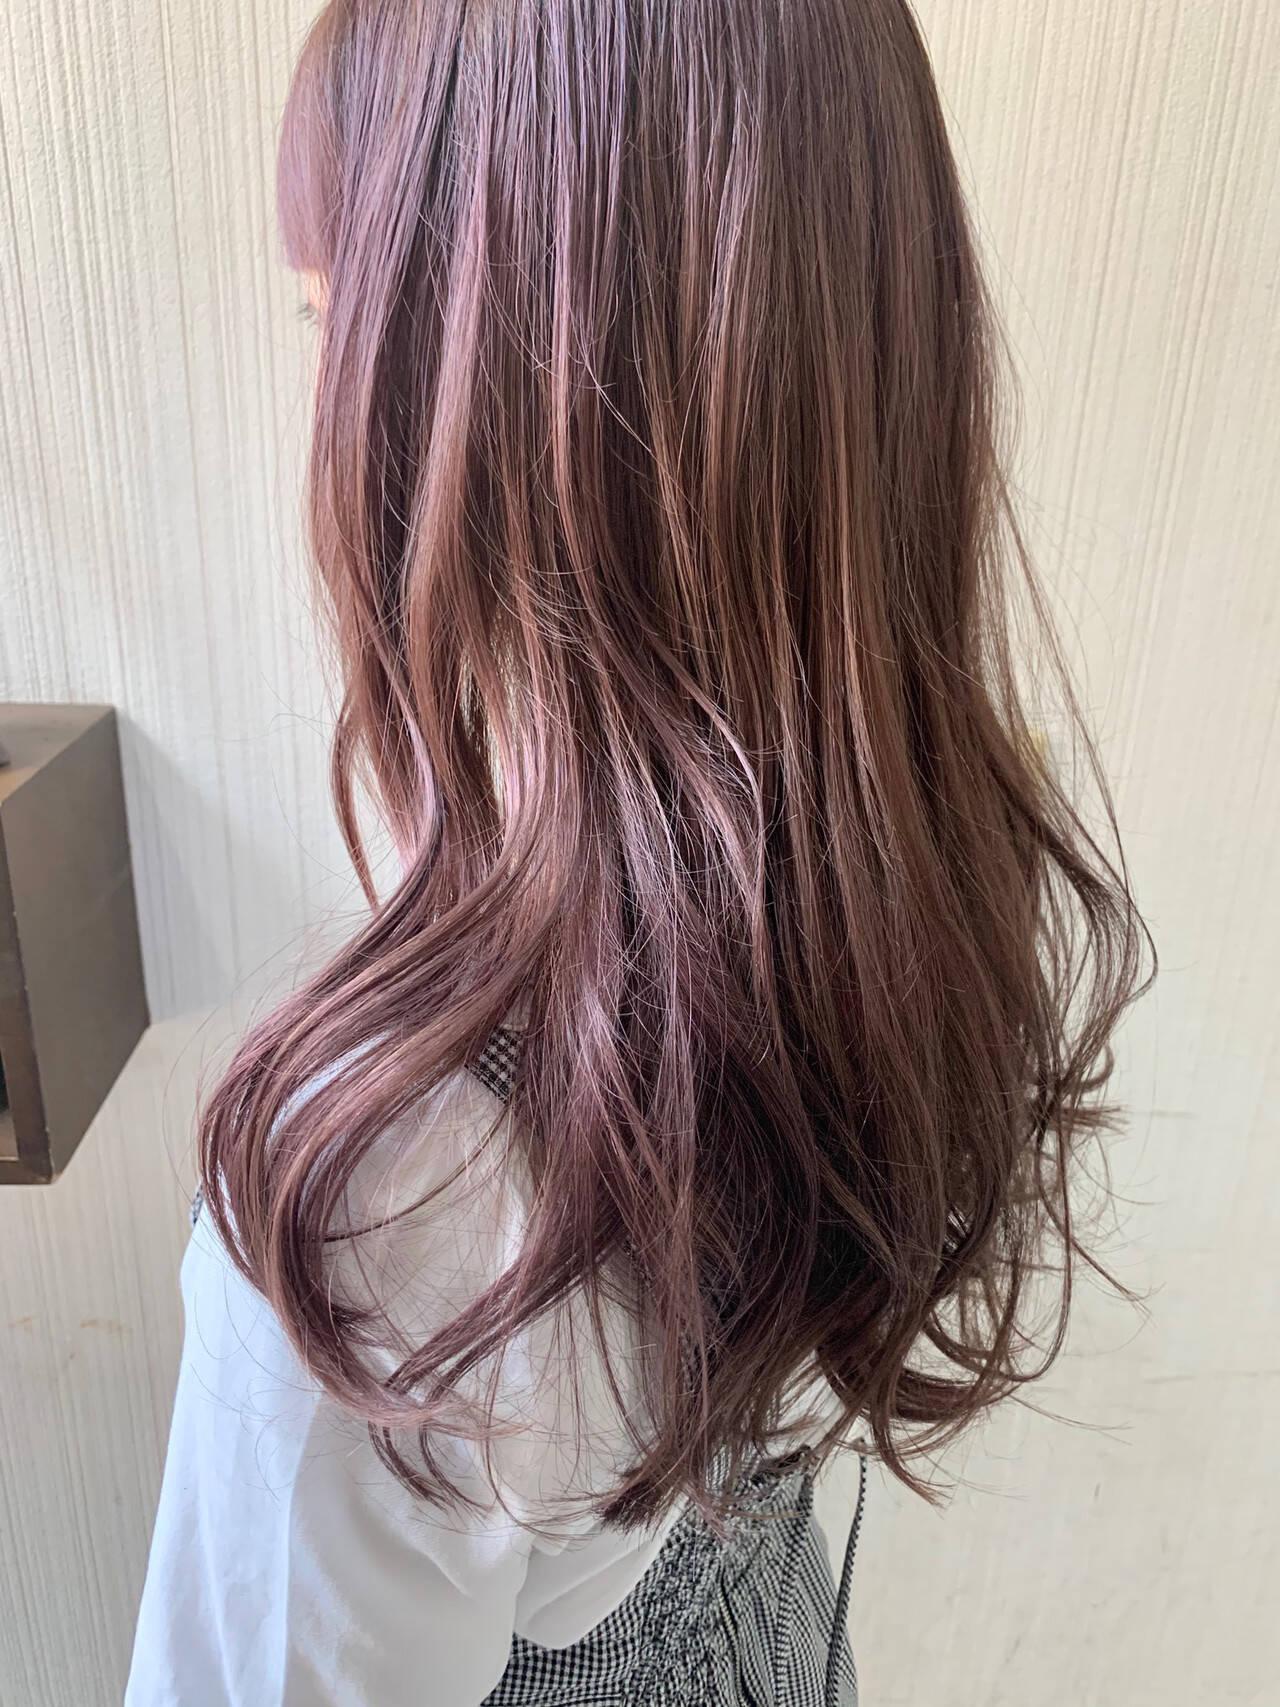 アンニュイほつれヘア 外国人風 大人かわいい ピンクブラウンヘアスタイルや髪型の写真・画像